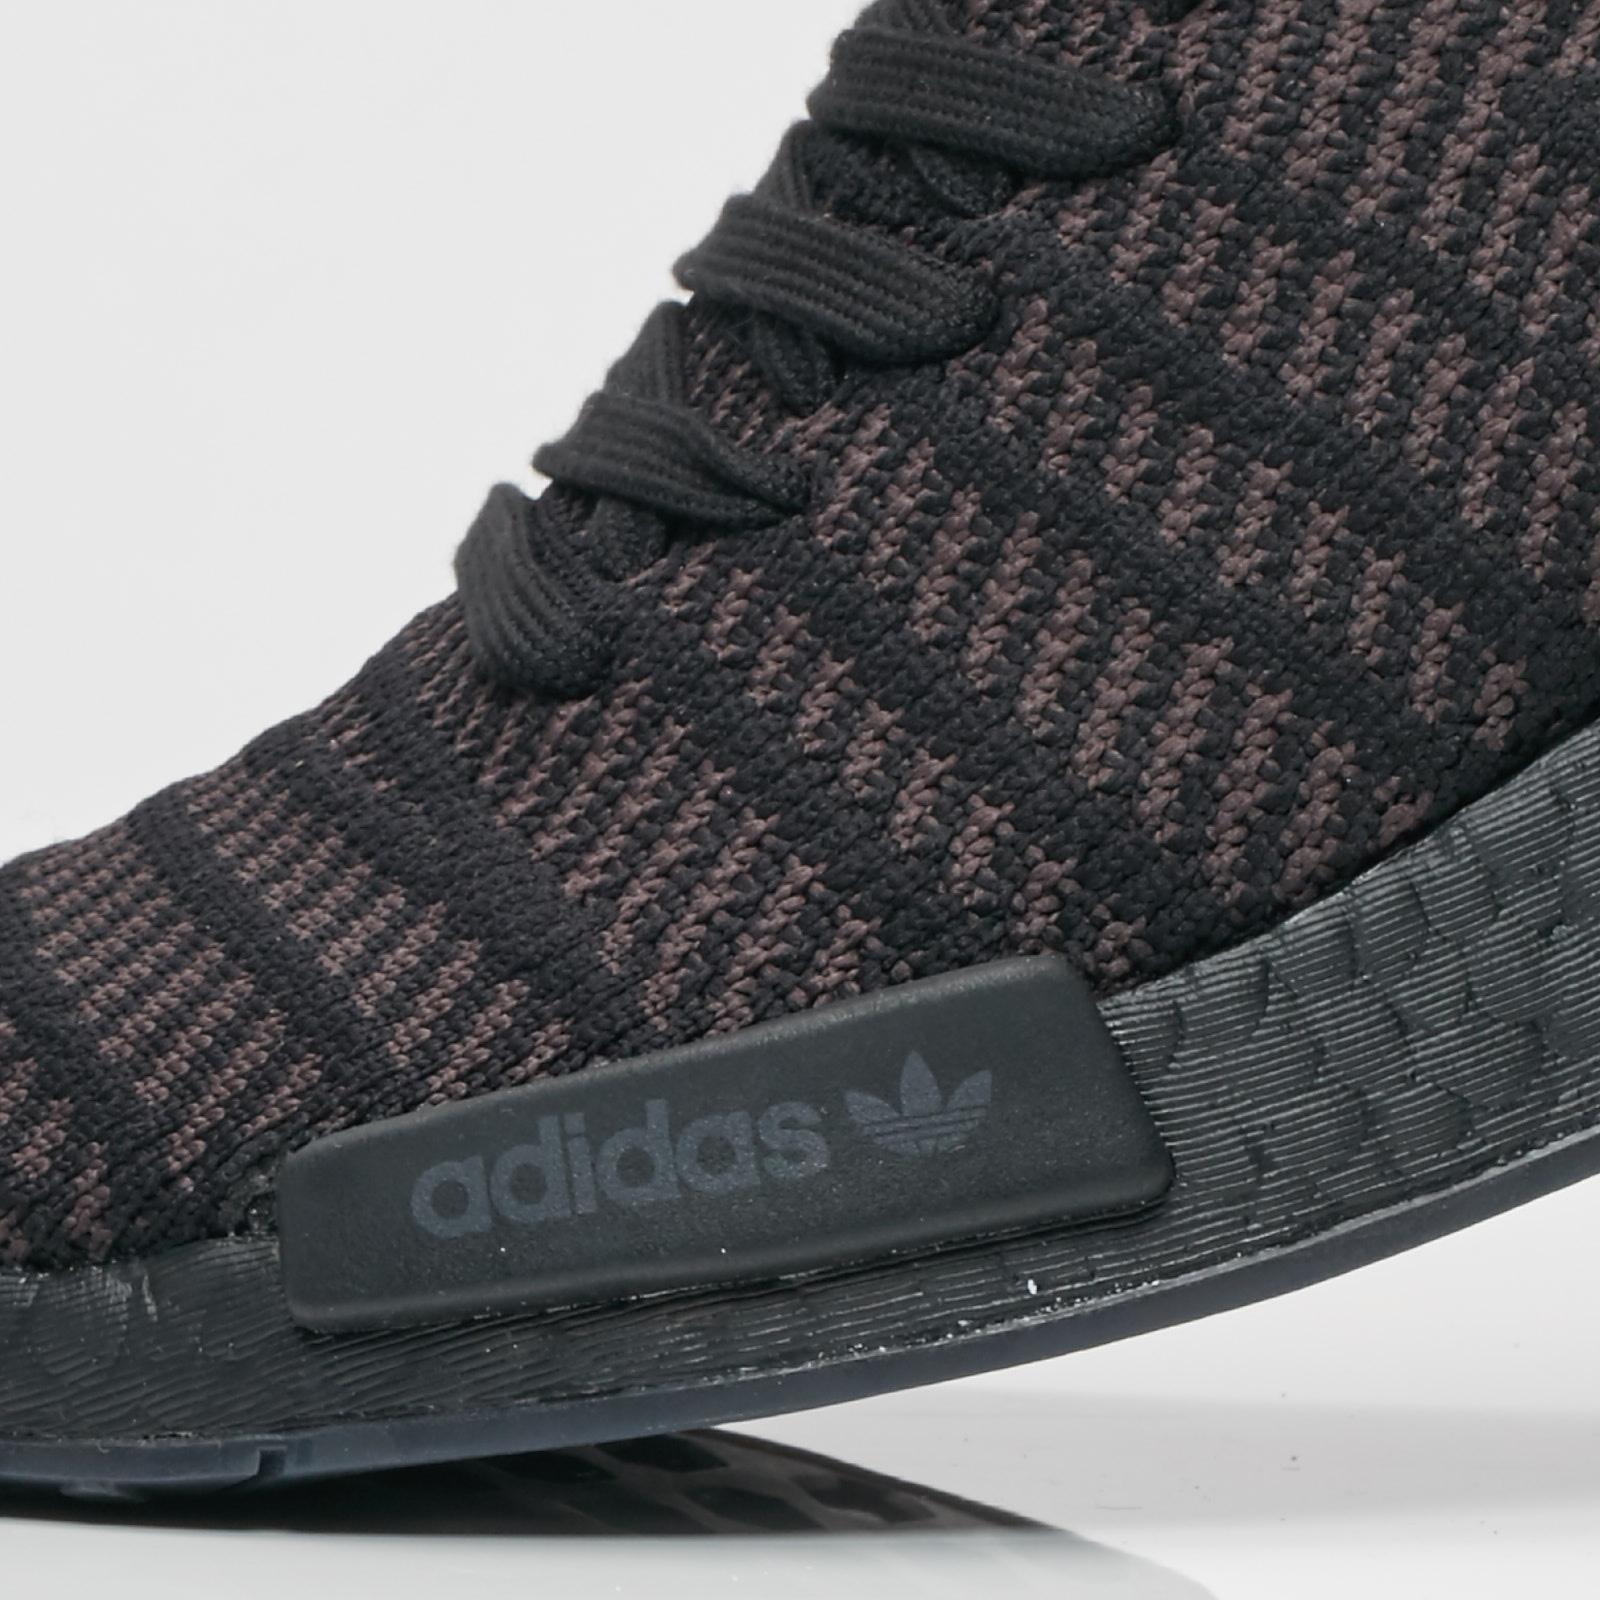 6f69a856b adidas NMD R1 Stlt PK - Cq2391 - Sneakersnstuff